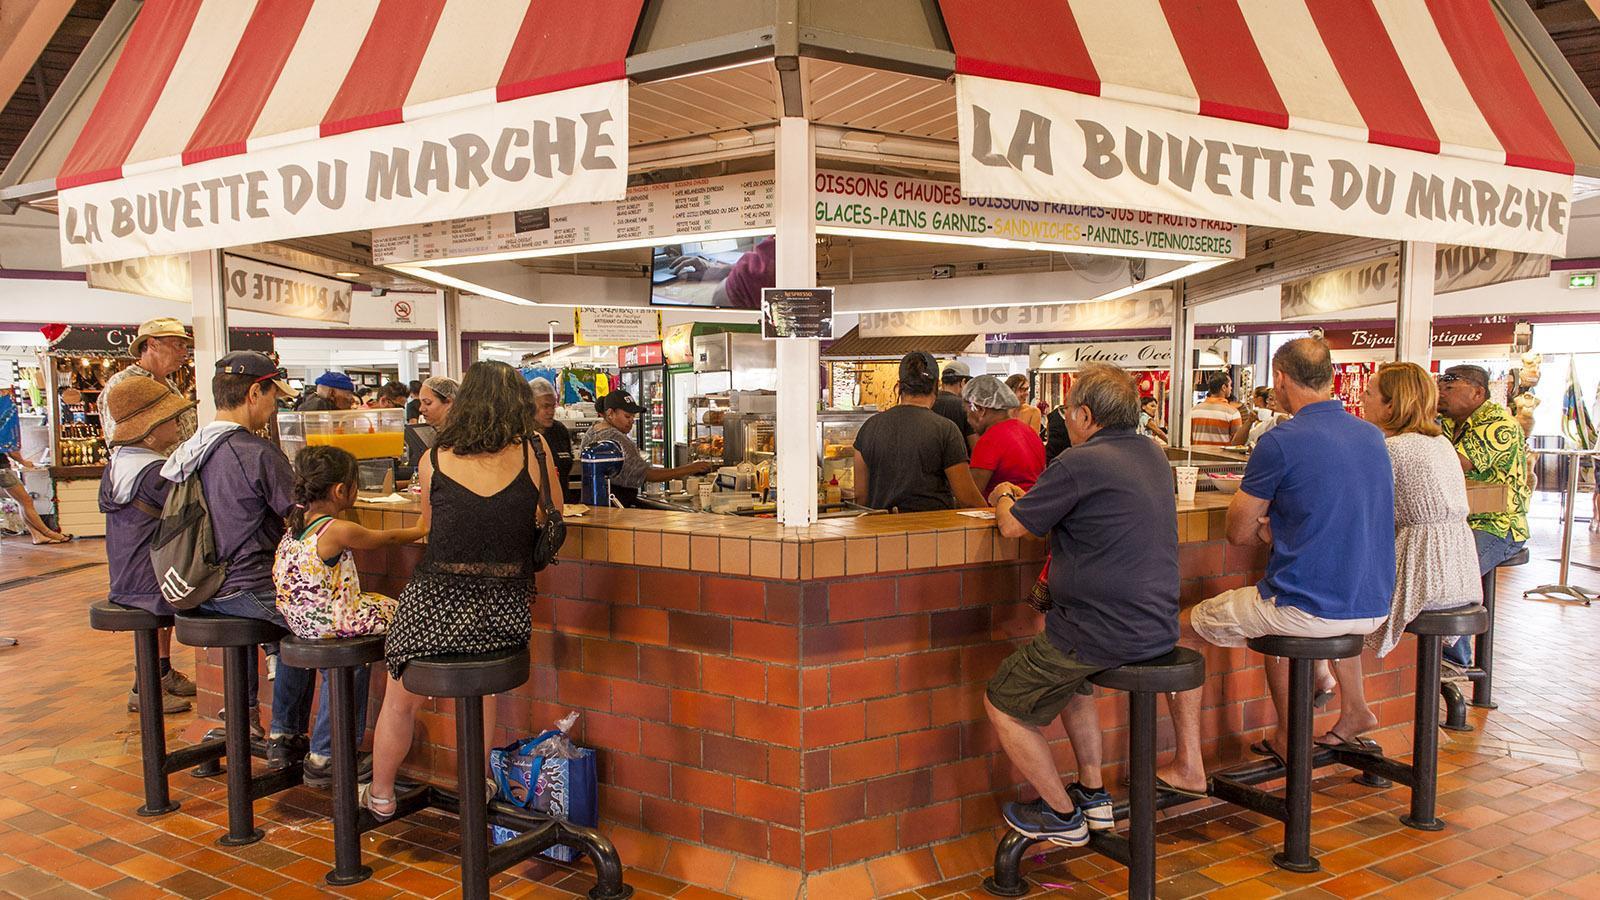 Marché de Nouméa: La Buvette du Marché: Ein Abstecher zum Marktcafé gehört dazu! Foto: Hilke Maunder